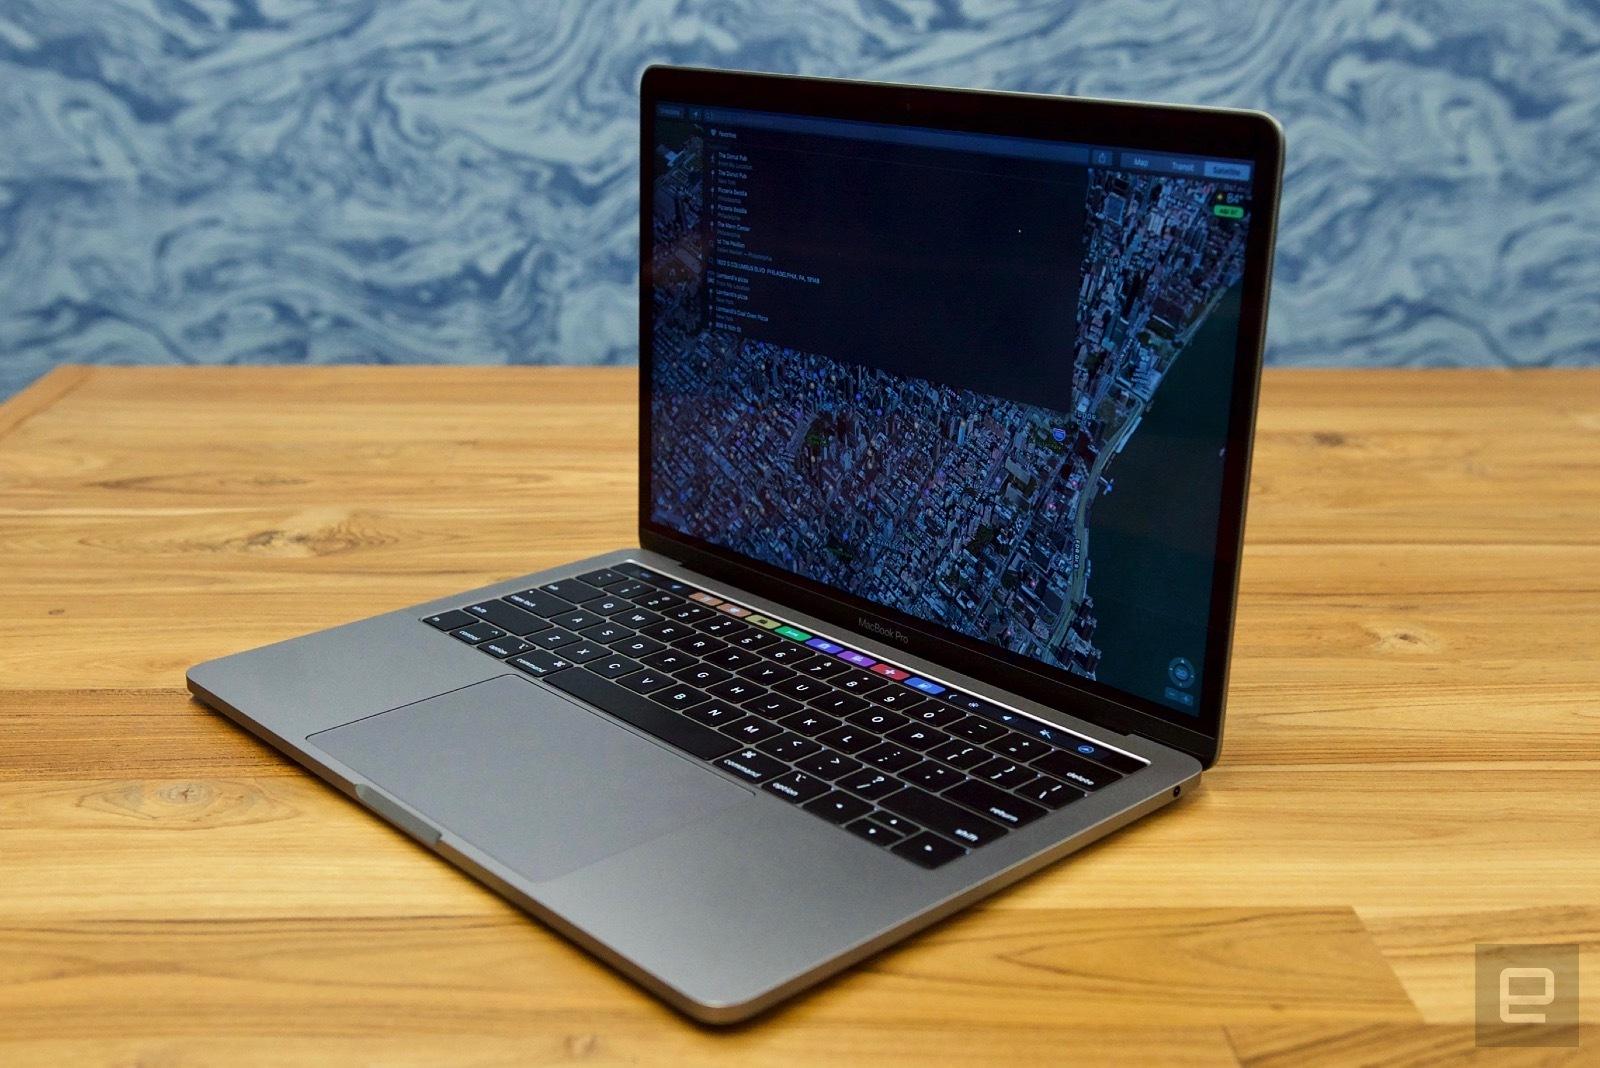 apple 13 inch macbook pro 2019 1 3